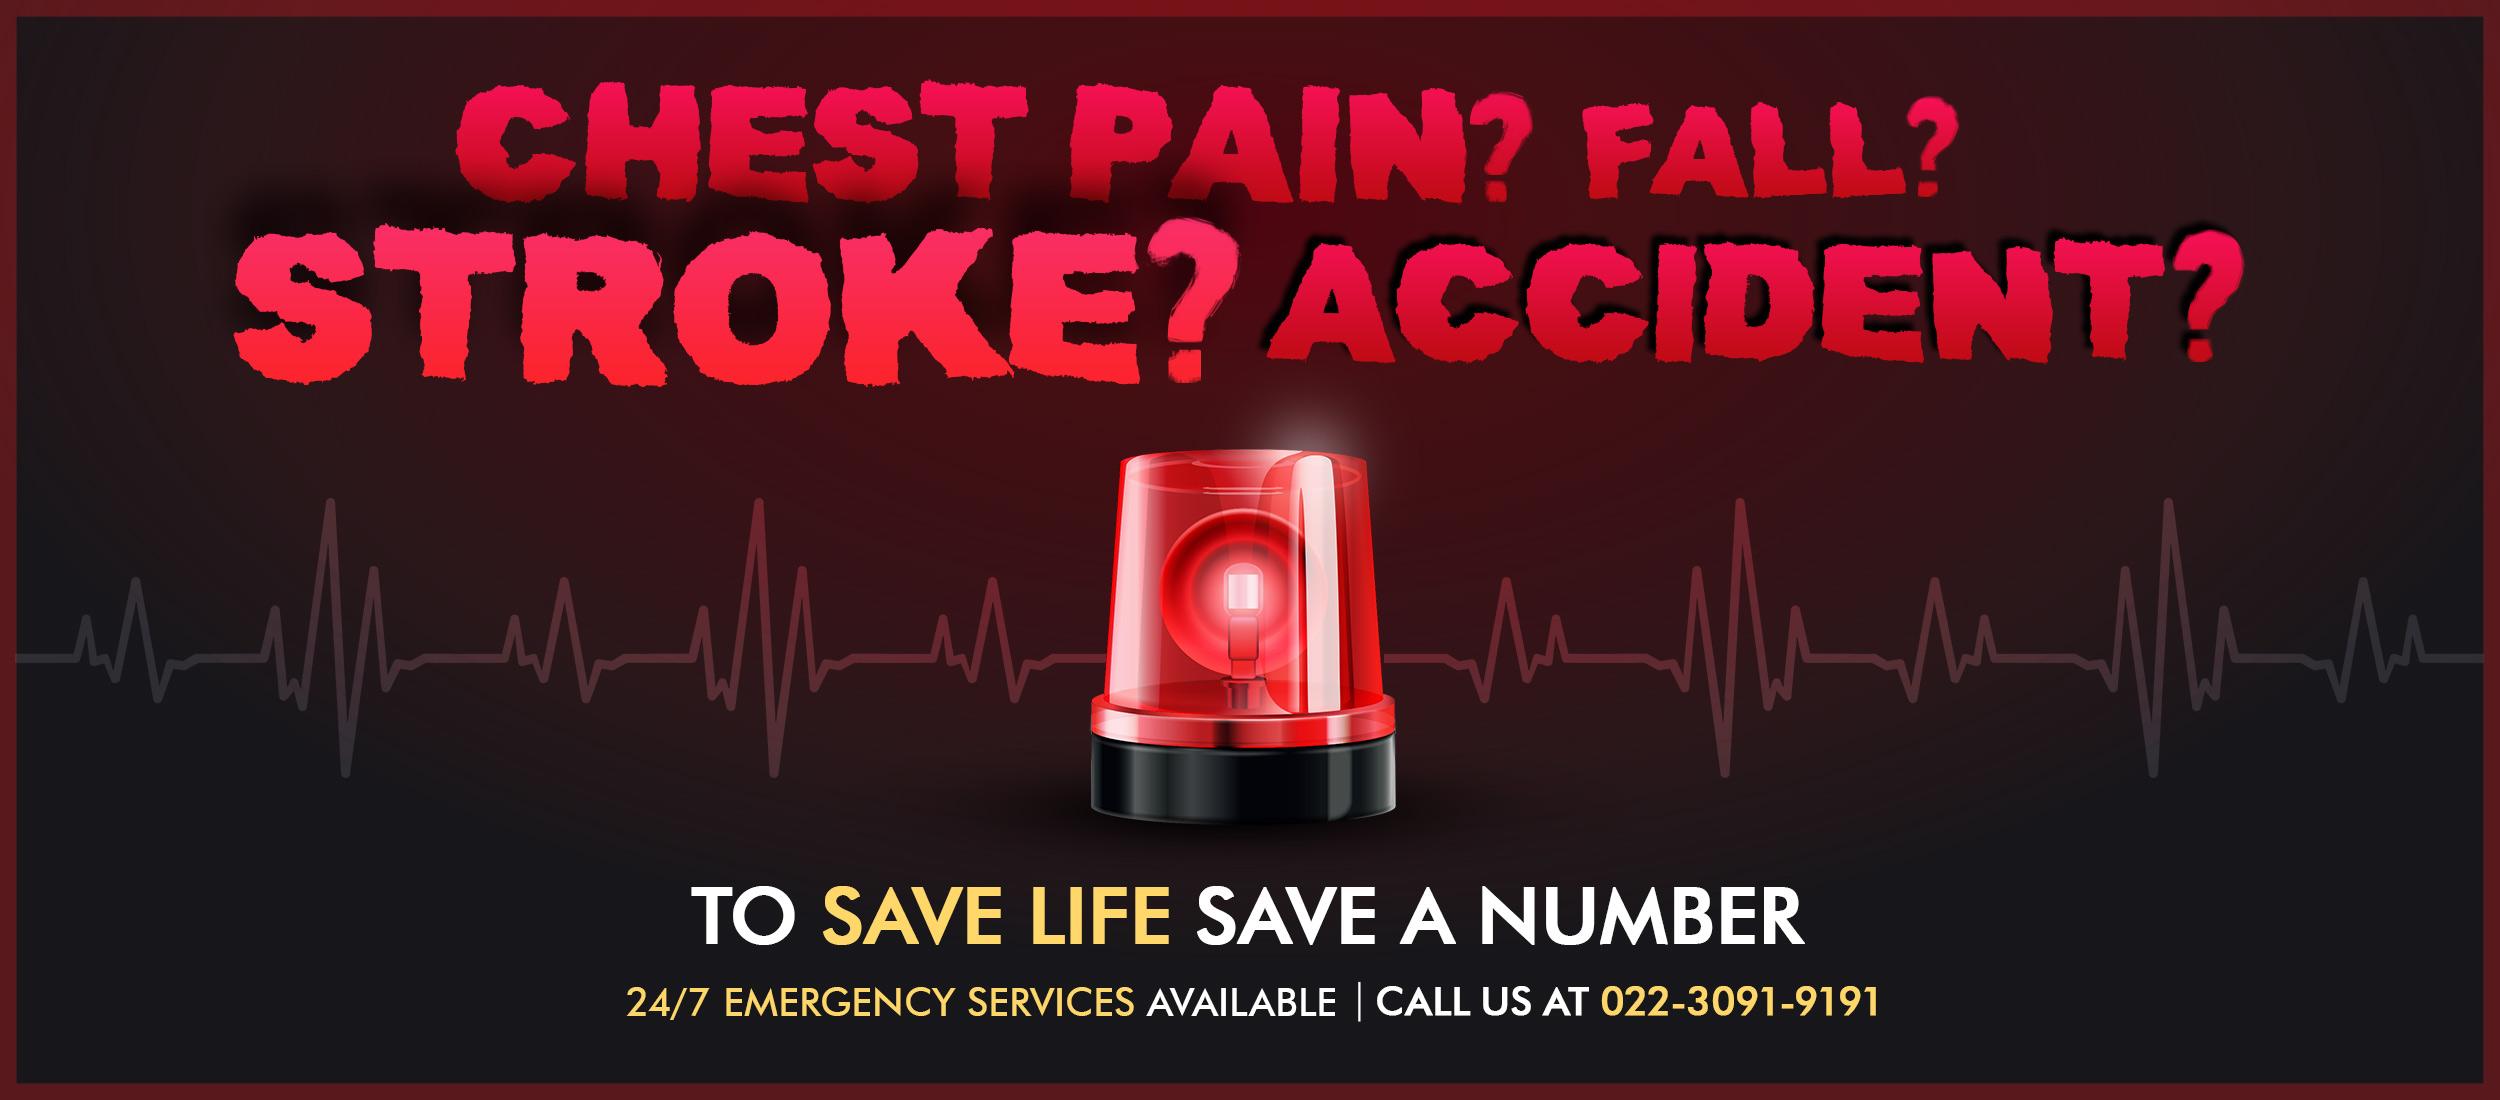 Kokilaben Dhirubhai Ambani Hospital - To Save Life Save A Number